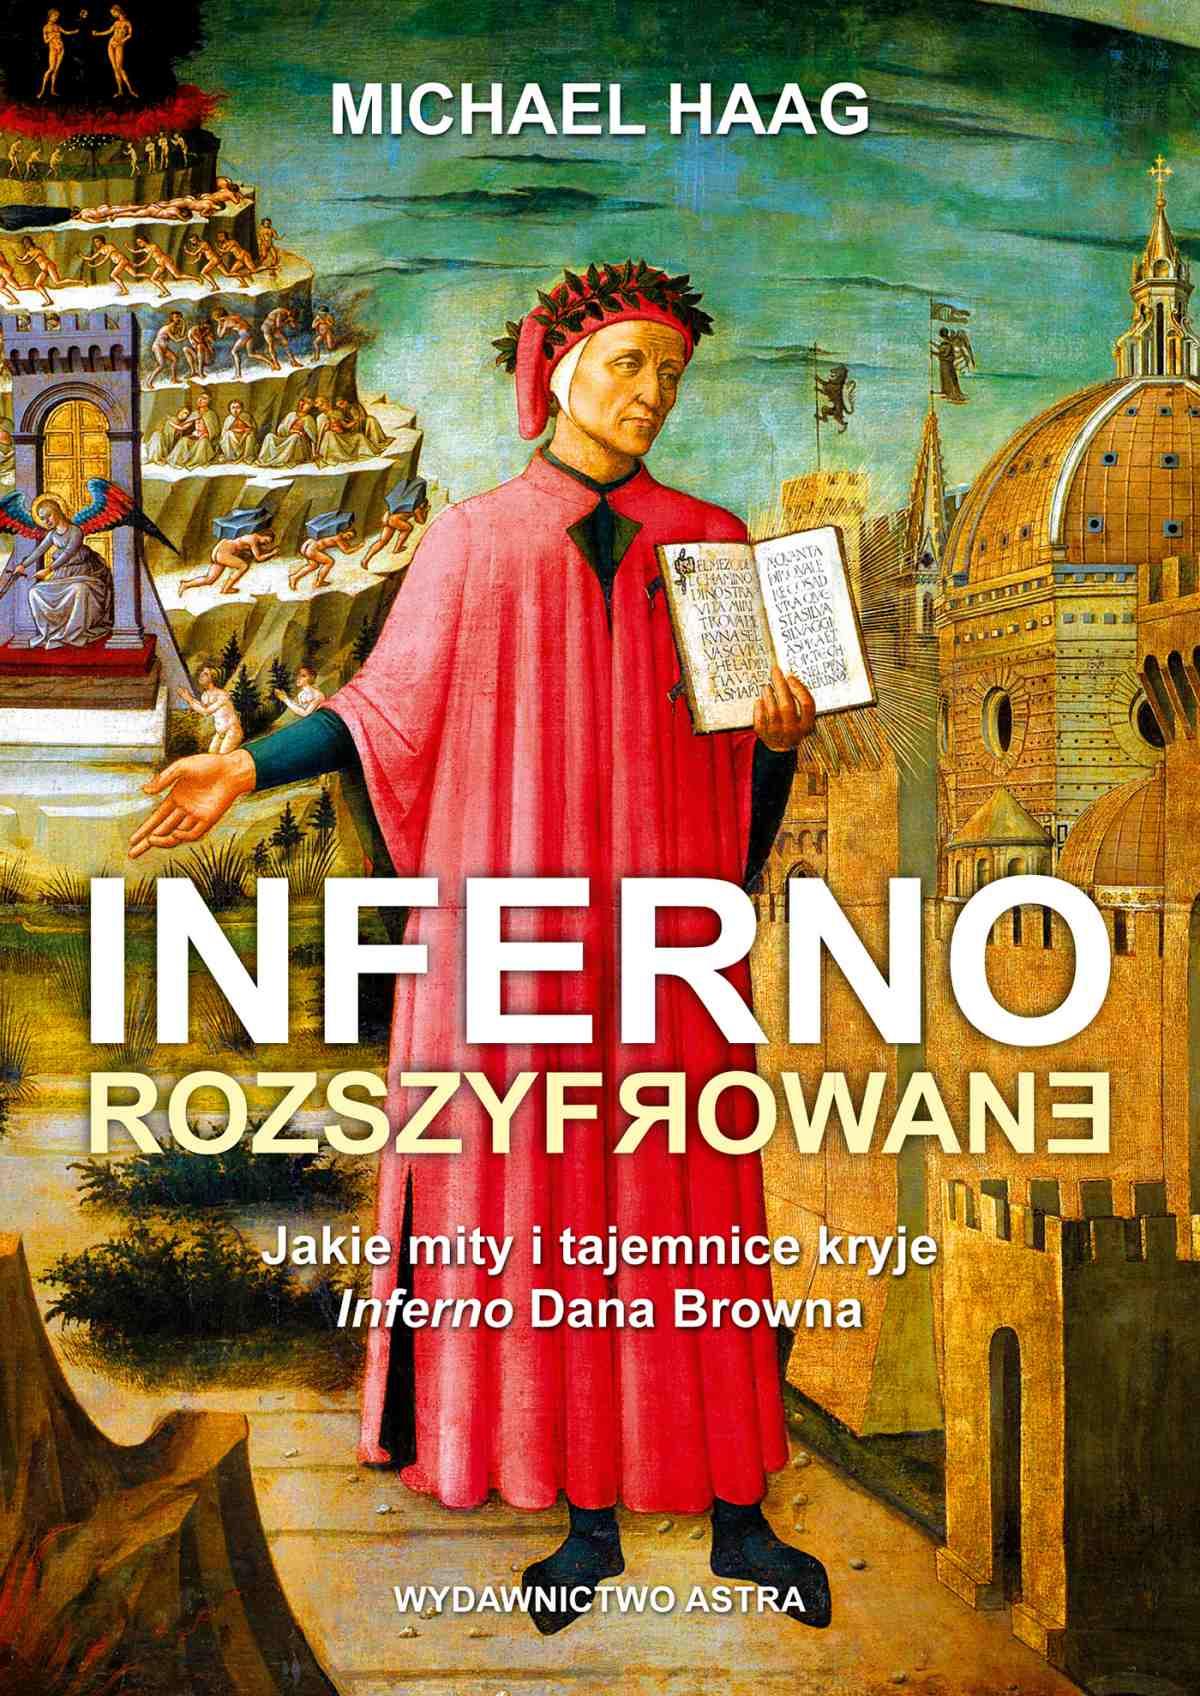 Inferno rozszyfrowane - Ebook (Książka na Kindle) do pobrania w formacie MOBI